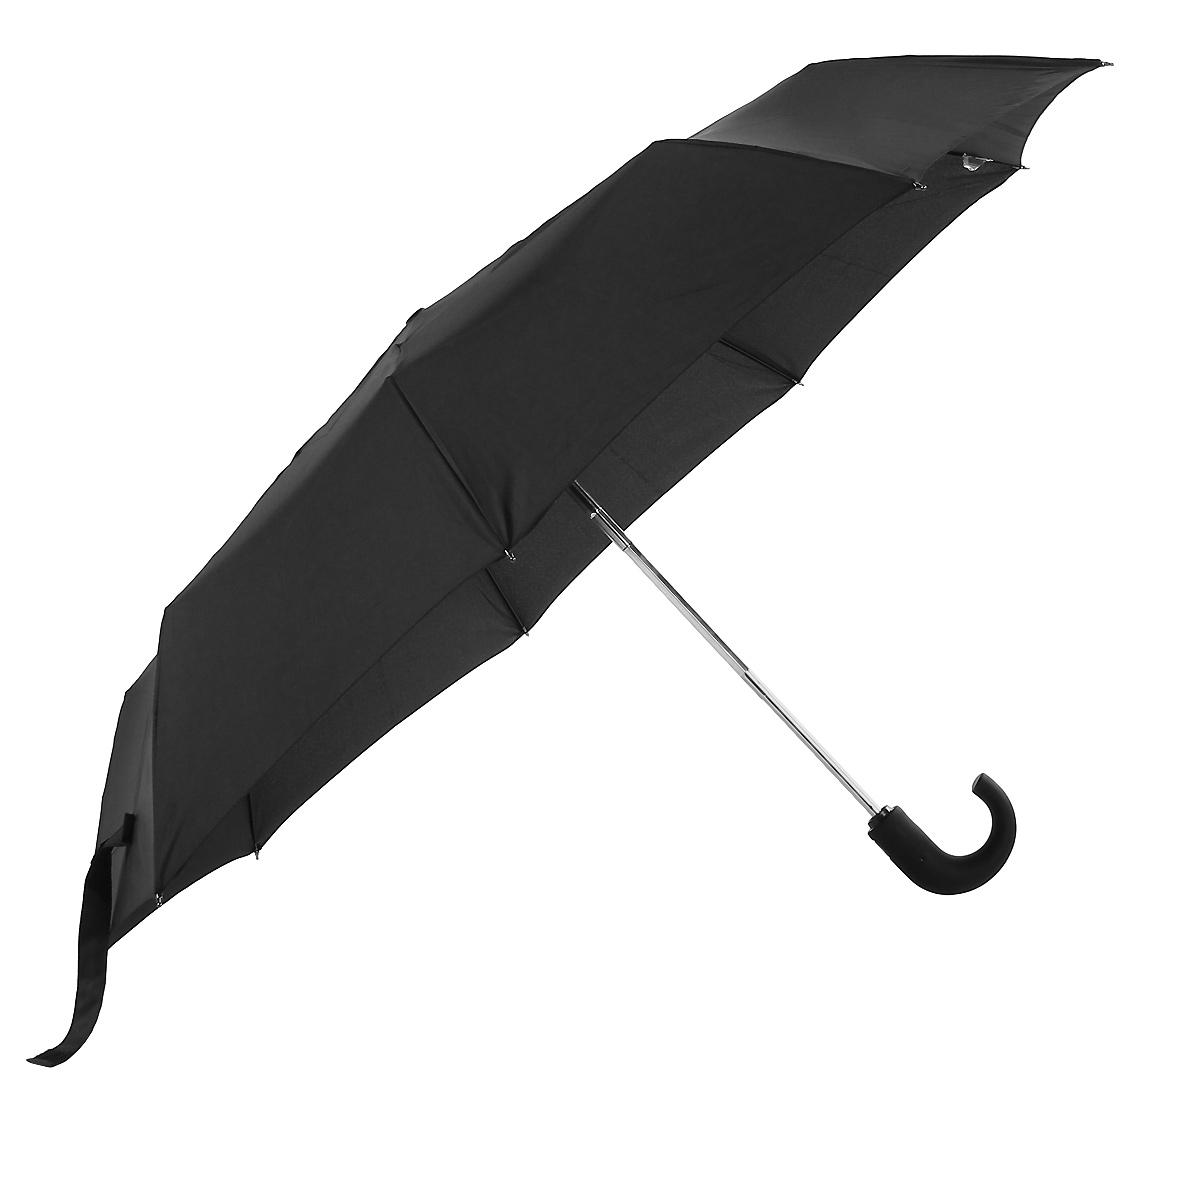 """Зонт Airton, автомат, 3 сложения, цвет: черный. 39703970Автоматический зонт Airton в 3 сложения даже в ненастную погоду позволит вам оставаться стильным. Детали каркаса изготовлены из высокопрочных материалов, специальная система """"Windproof"""" защищает его от поломок. Зонт оснащен 9 спицами, выполненными из металла. Ручка закругленной формы, выполненная из прорезиненного пластика, разработана с учетом требований эргономики. Используемые высококачественные красители, а также покрытие """"Teflon"""" обеспечивают длительное сохранение свойств ткани купола зонта. Купол выполнен из полиэстера черного цвета. Зонт имеет полный автоматический механизм сложения: купол открывается и закрывается нажатием кнопки на рукоятке, стержень складывается вручную до характерного щелчка. К зонту прилагается чехол."""